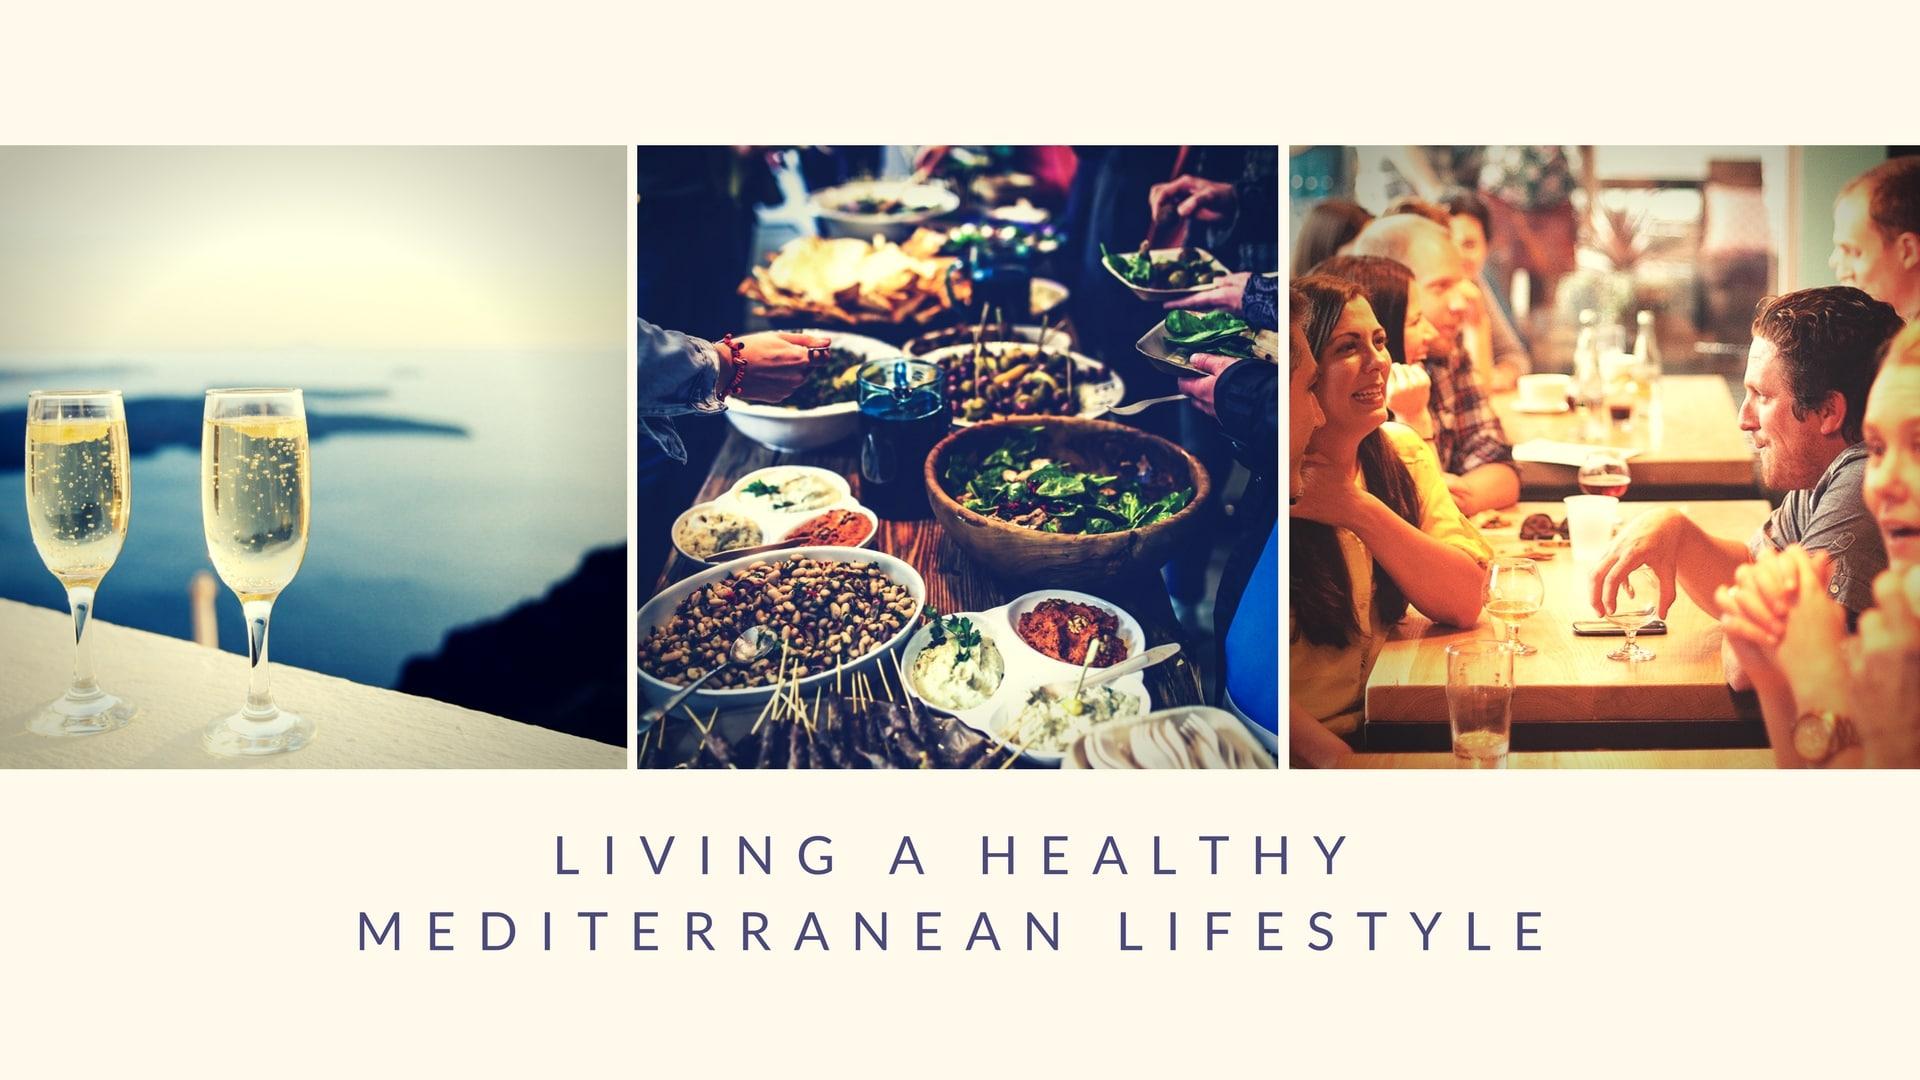 healthy mediterranean lifestyle